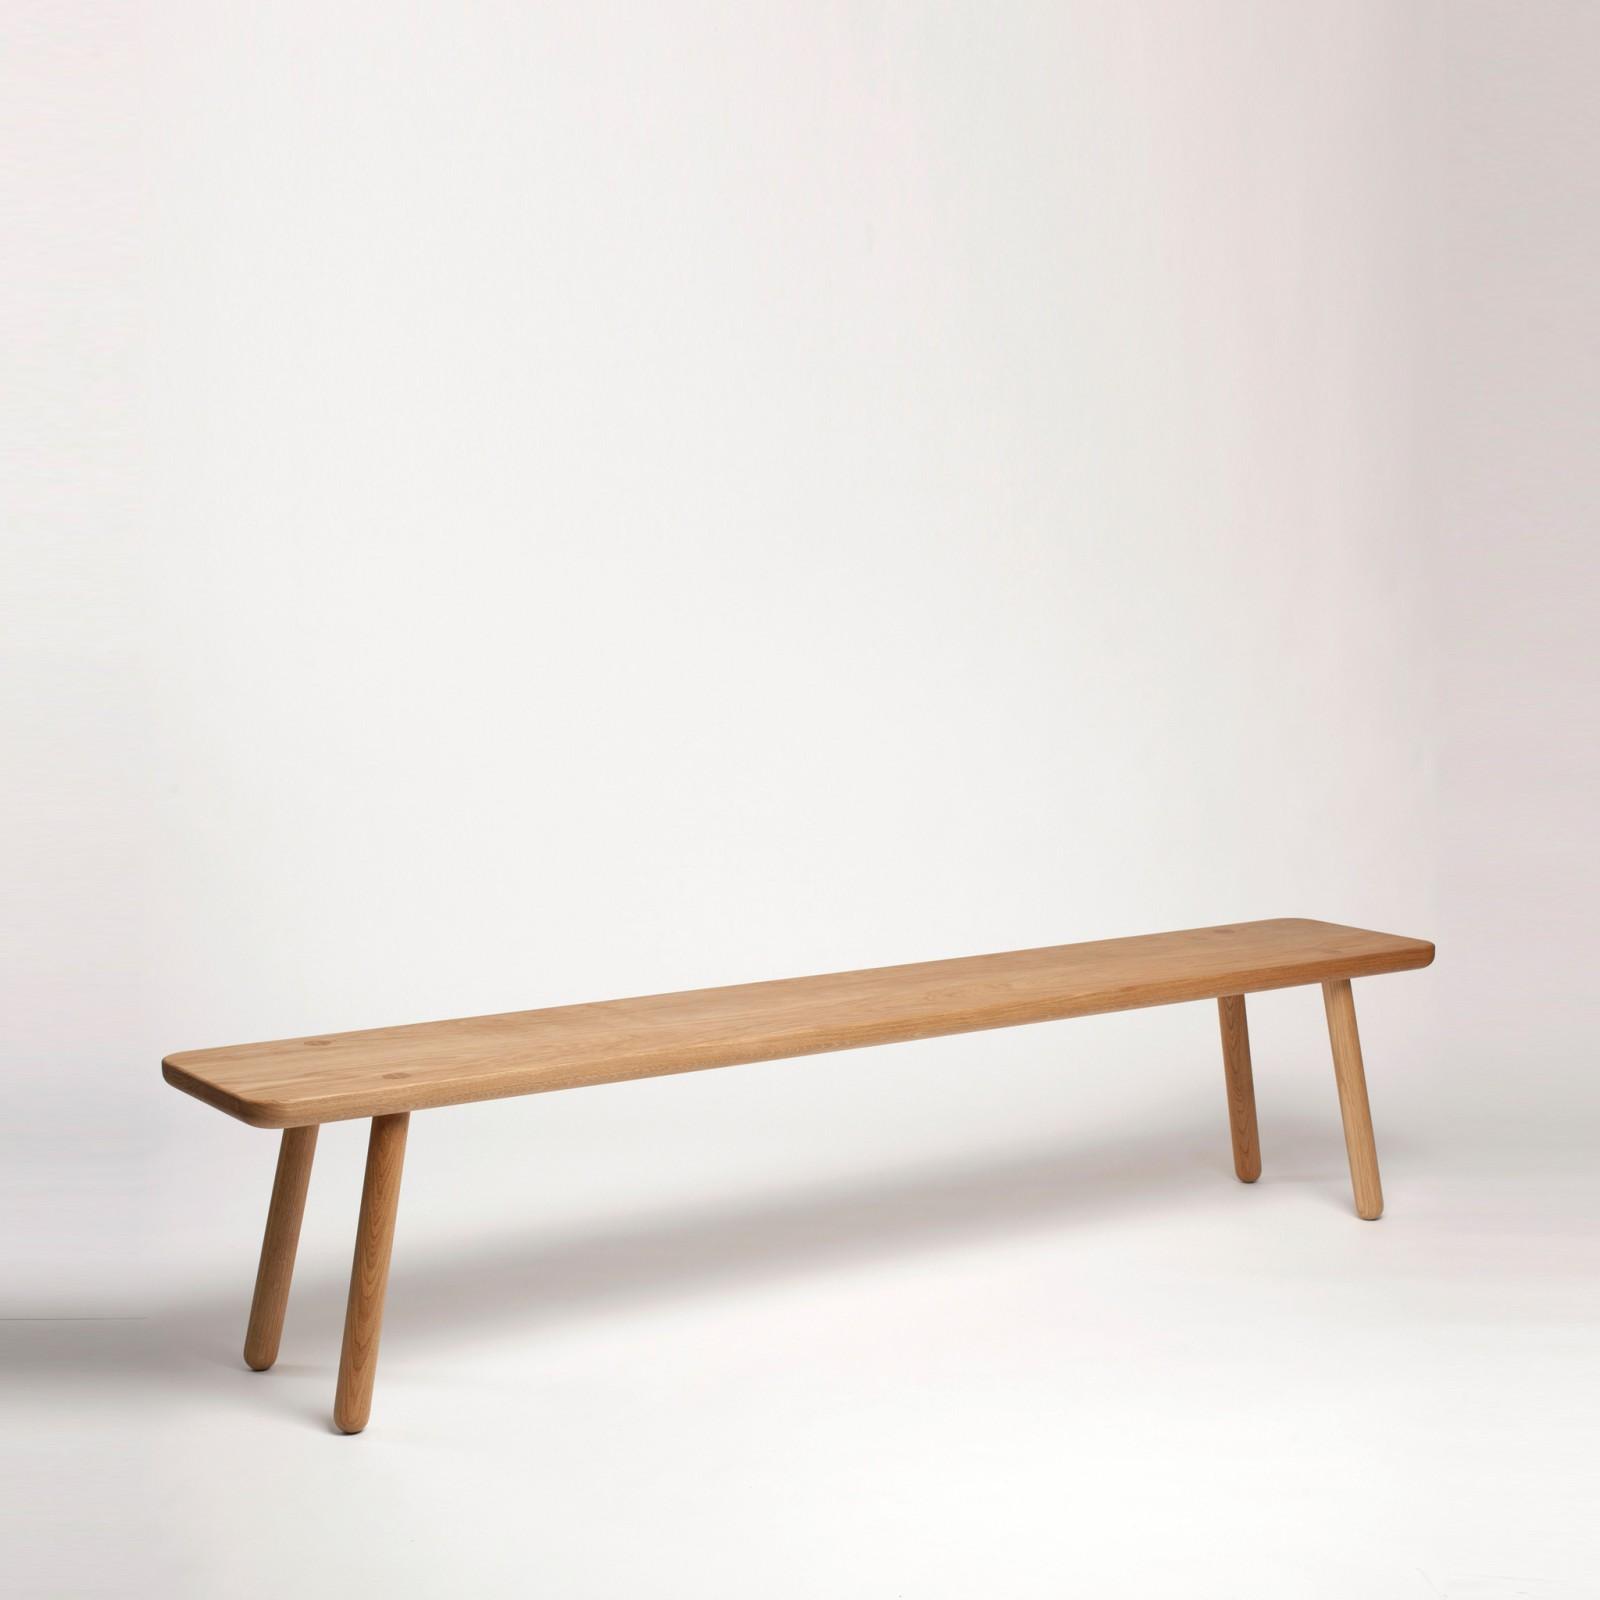 Bench One Oak, 140 cm